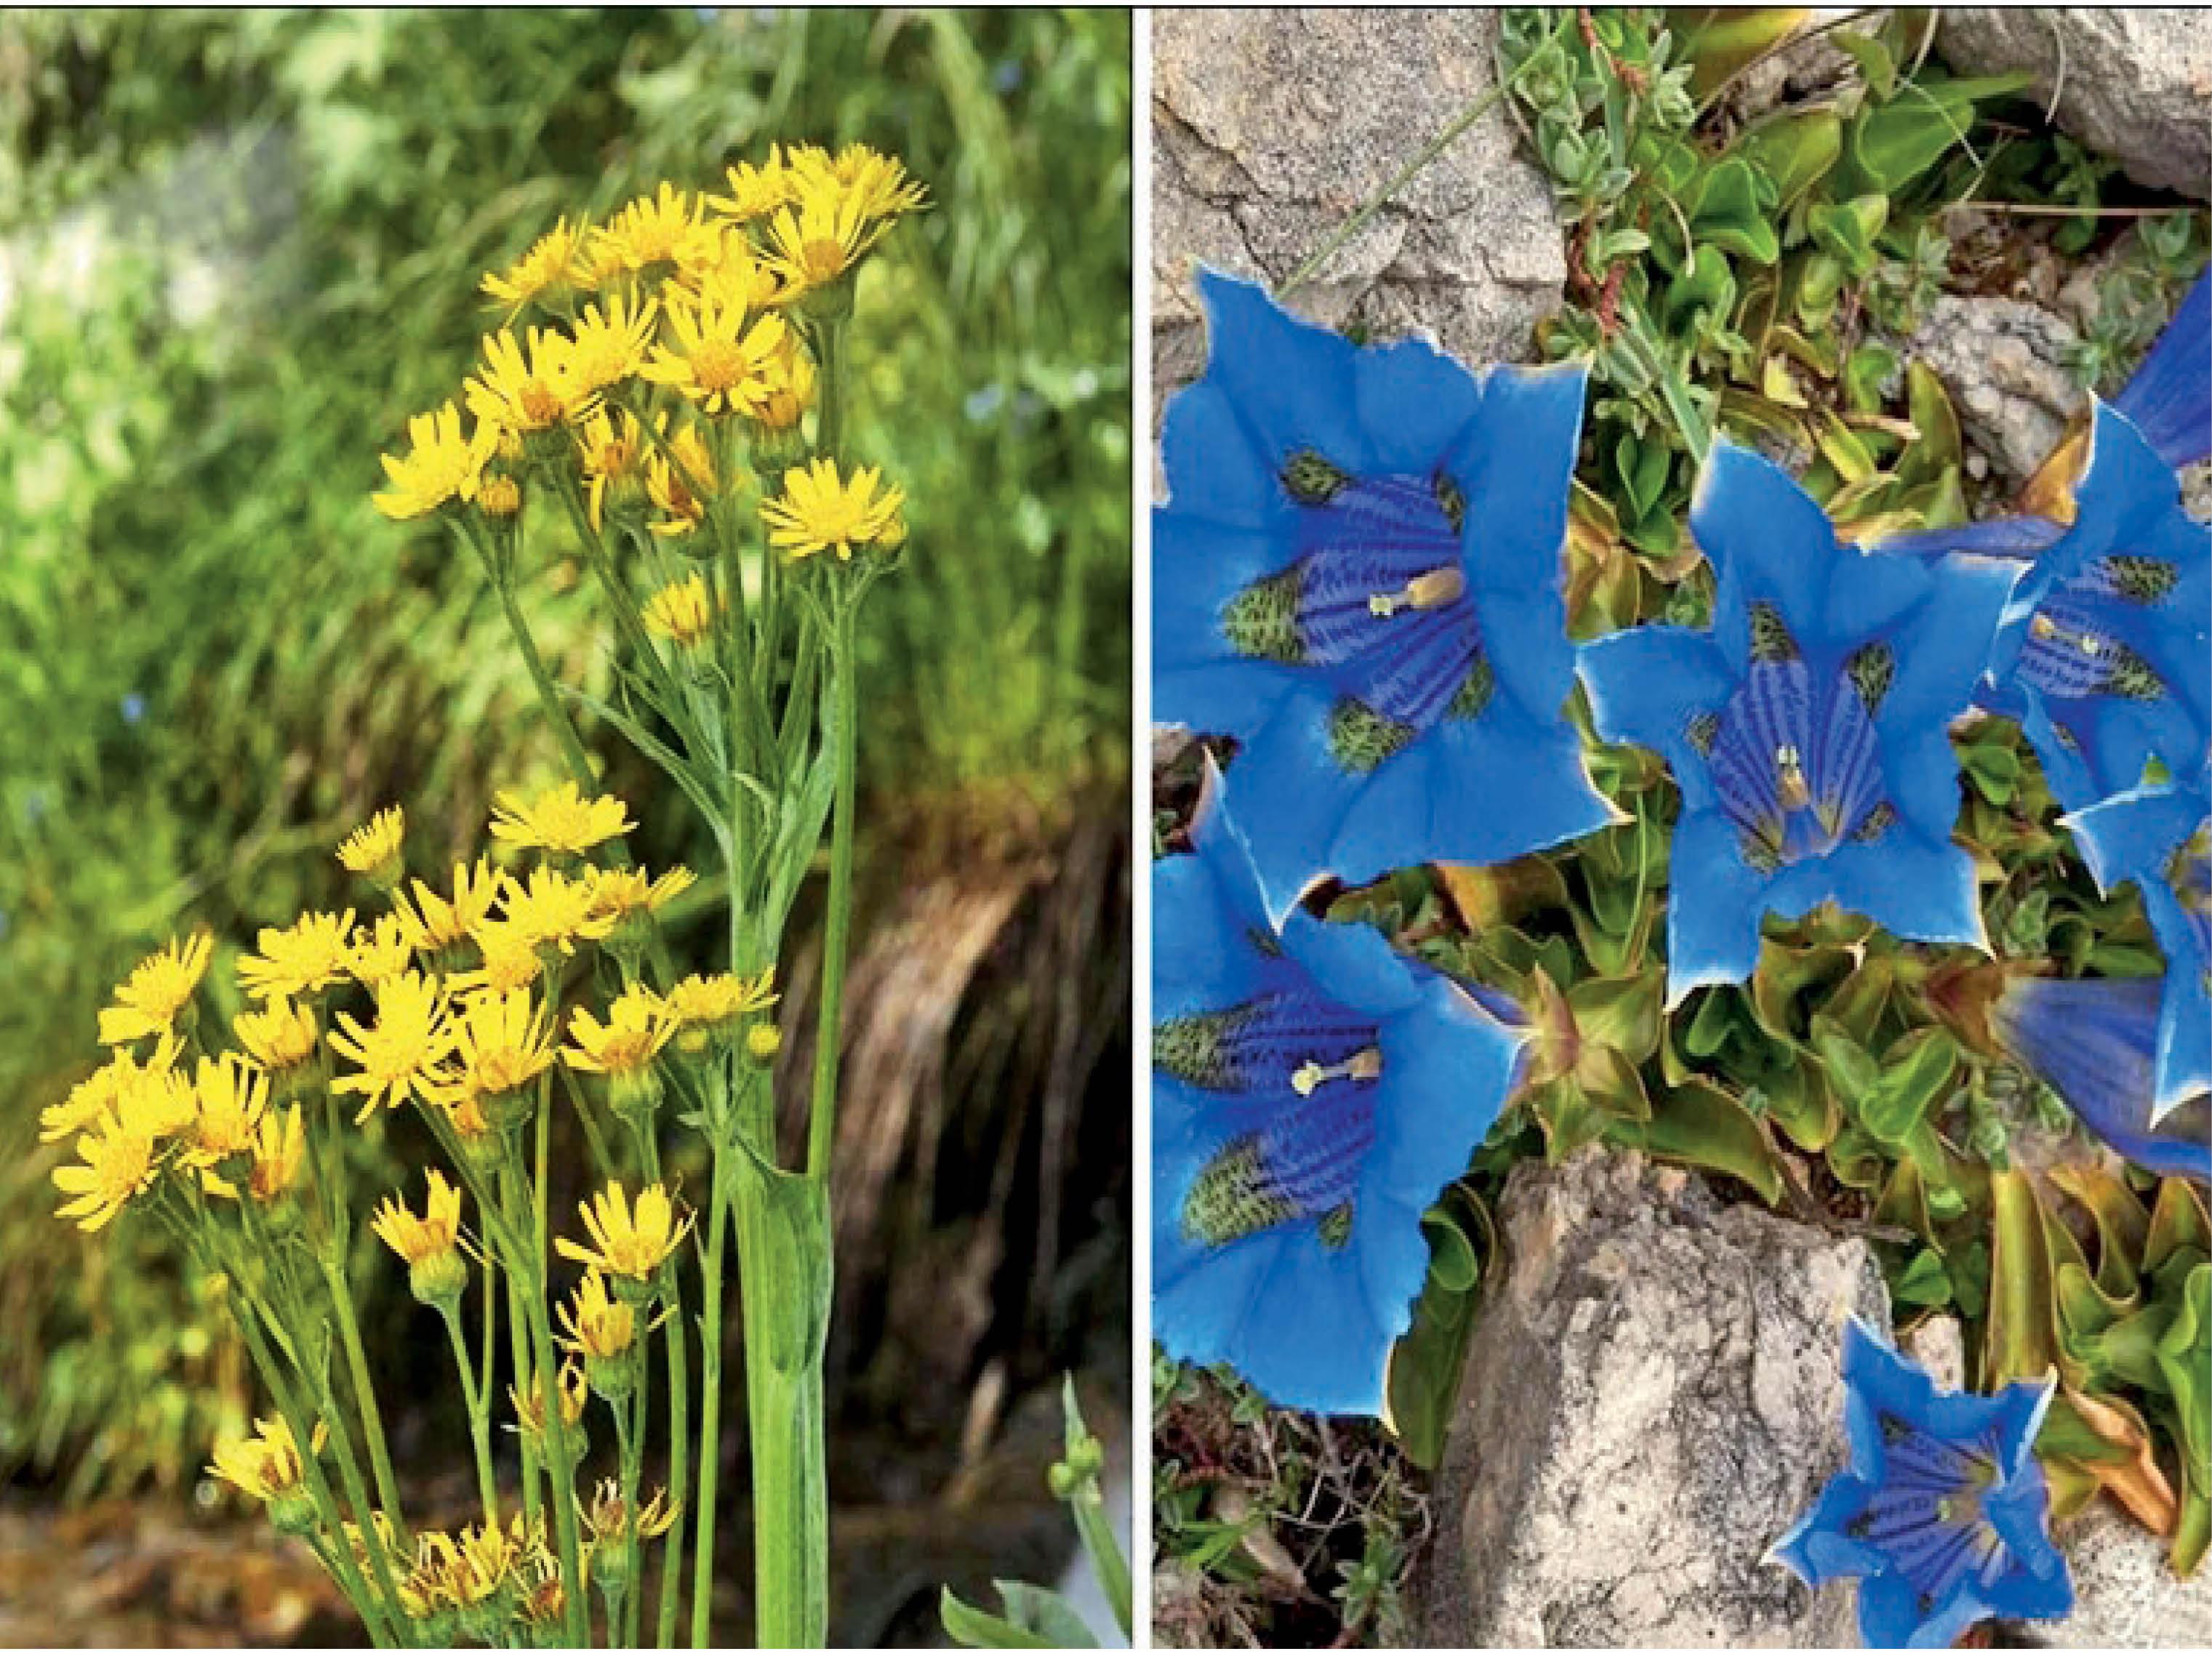 वैज्ञानिकों को रिसर्च के लिए आकर्षित करते हैं सुंदर फूल; नीले, पीले और सफेद रंग के फूल उन्हें ज्यादा पसंद|विदेश,International - Dainik Bhaskar